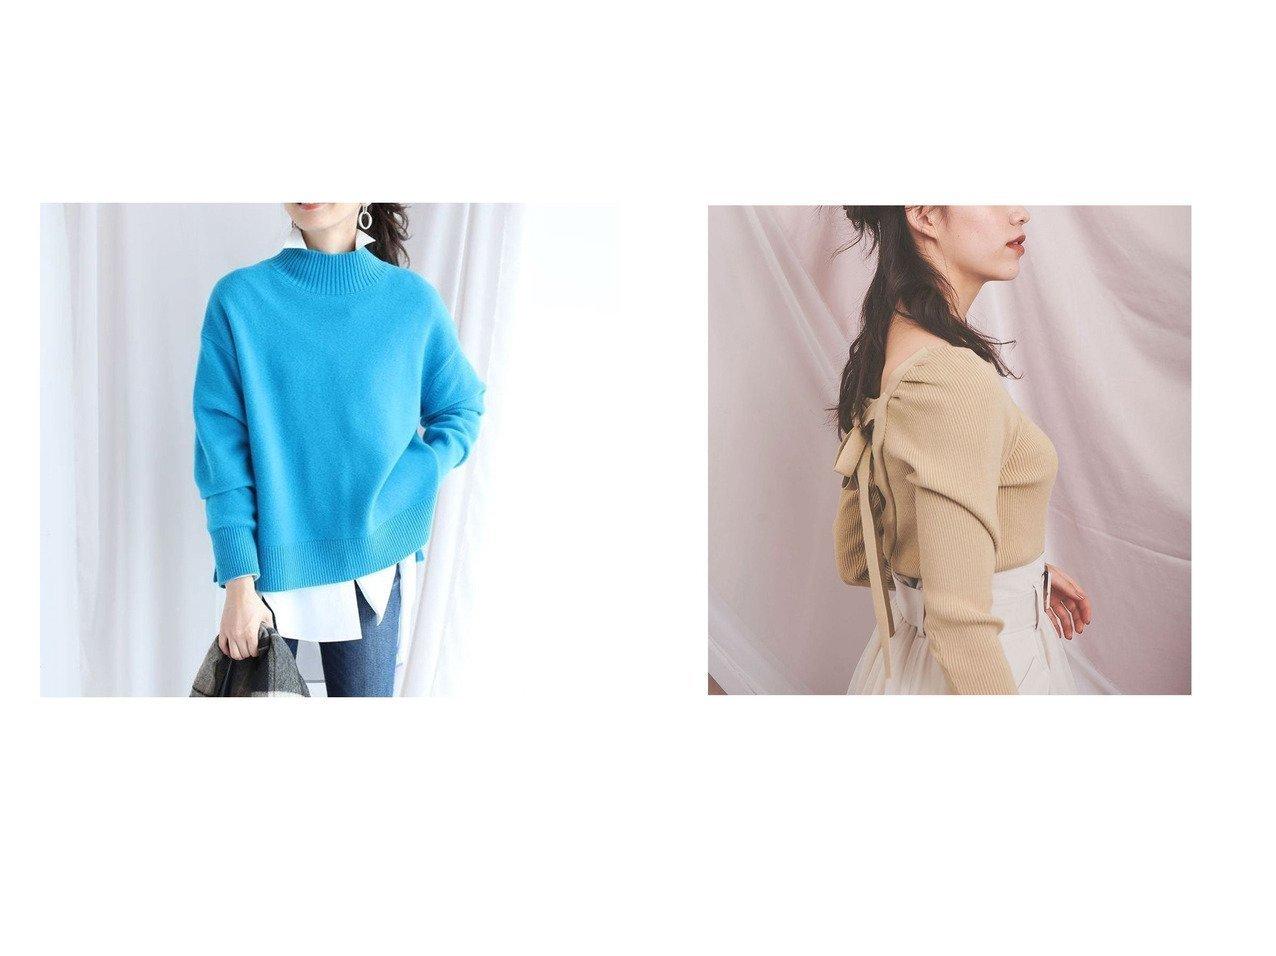 【Noela/ノエラ】のバックレースアップニット&【JUSGLITTY/ジャスグリッティー】のウールカシミヤタートルゆるニット トップス・カットソーのおすすめ!人気、レディースファッションの通販 おすすめで人気のファッション通販商品 インテリア・家具・キッズファッション・メンズファッション・レディースファッション・服の通販 founy(ファニー) https://founy.com/ ファッション Fashion レディース WOMEN イエロー ボトム リボン レース |ID:crp329100000004797